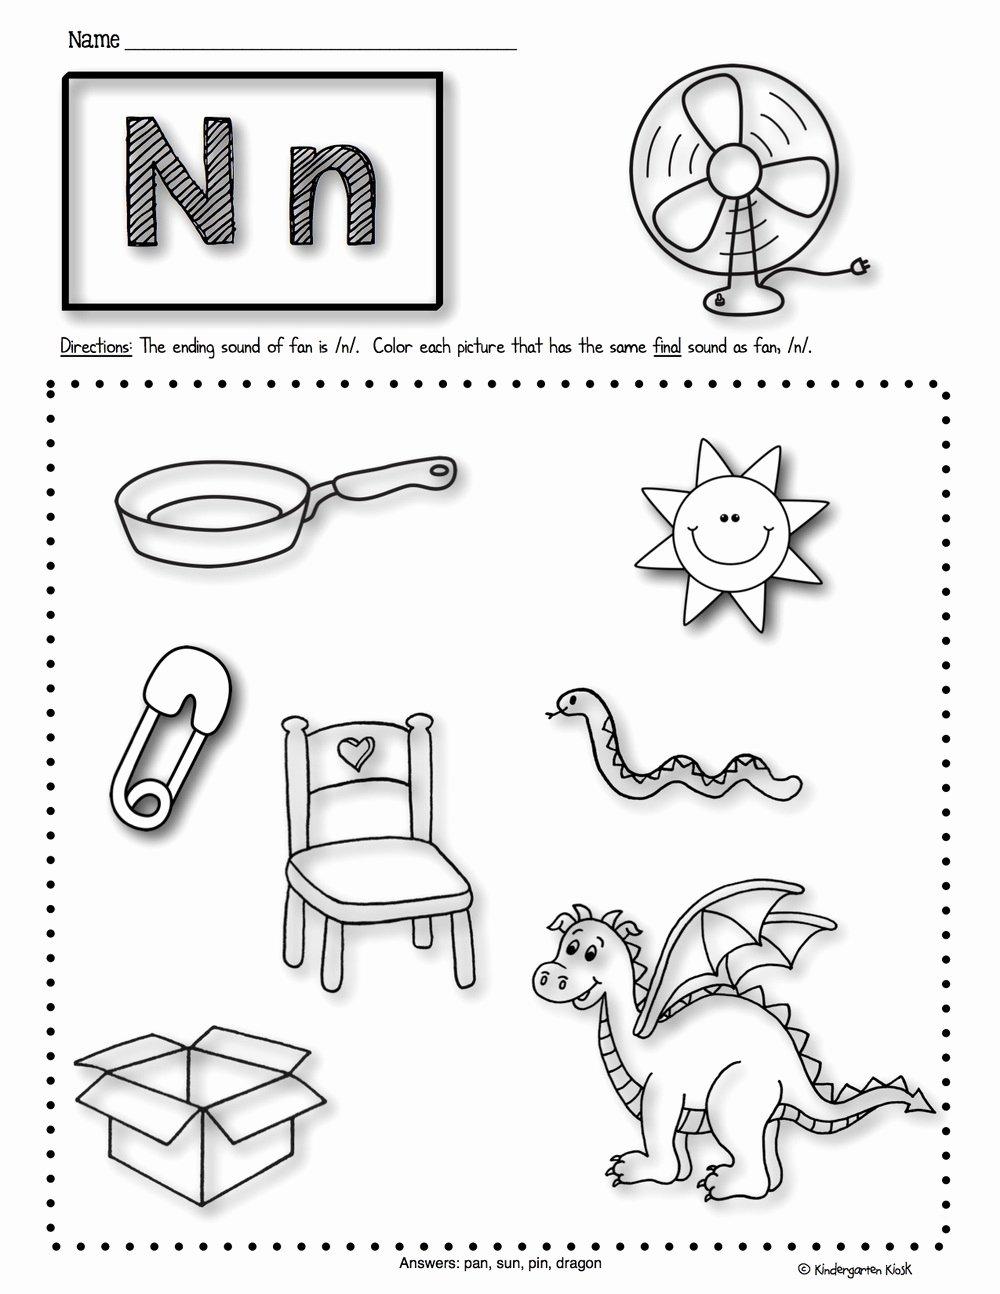 Beginning sounds Worksheets for Preschoolers Lovely Worksheet Remarkablen Phonics Worksheets End2 Lessons